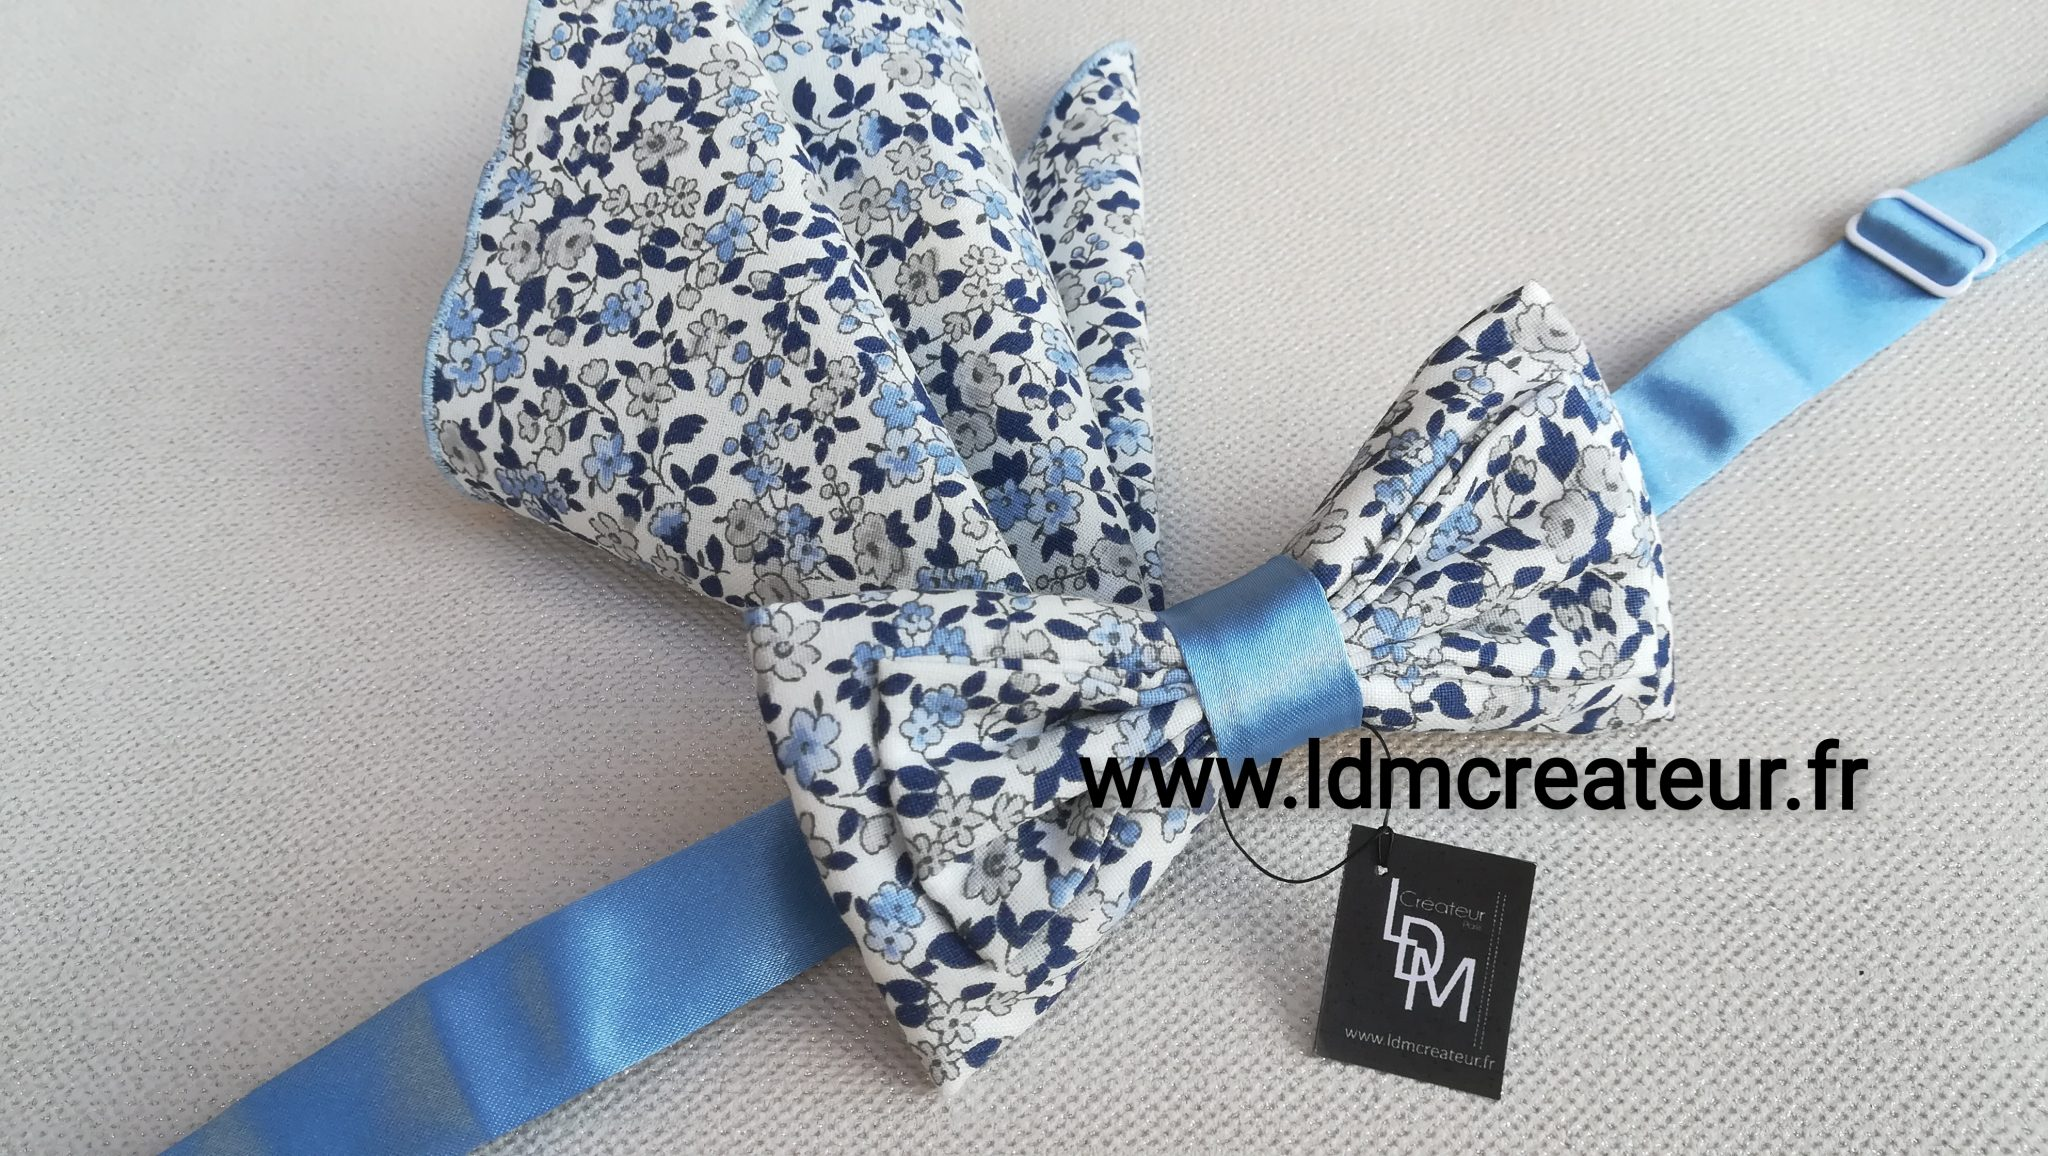 Noeud-papillon-liberty-bleu-ciel-Barfleur-ceremonie-mariage-pochette-www-ldmcreateur-fr